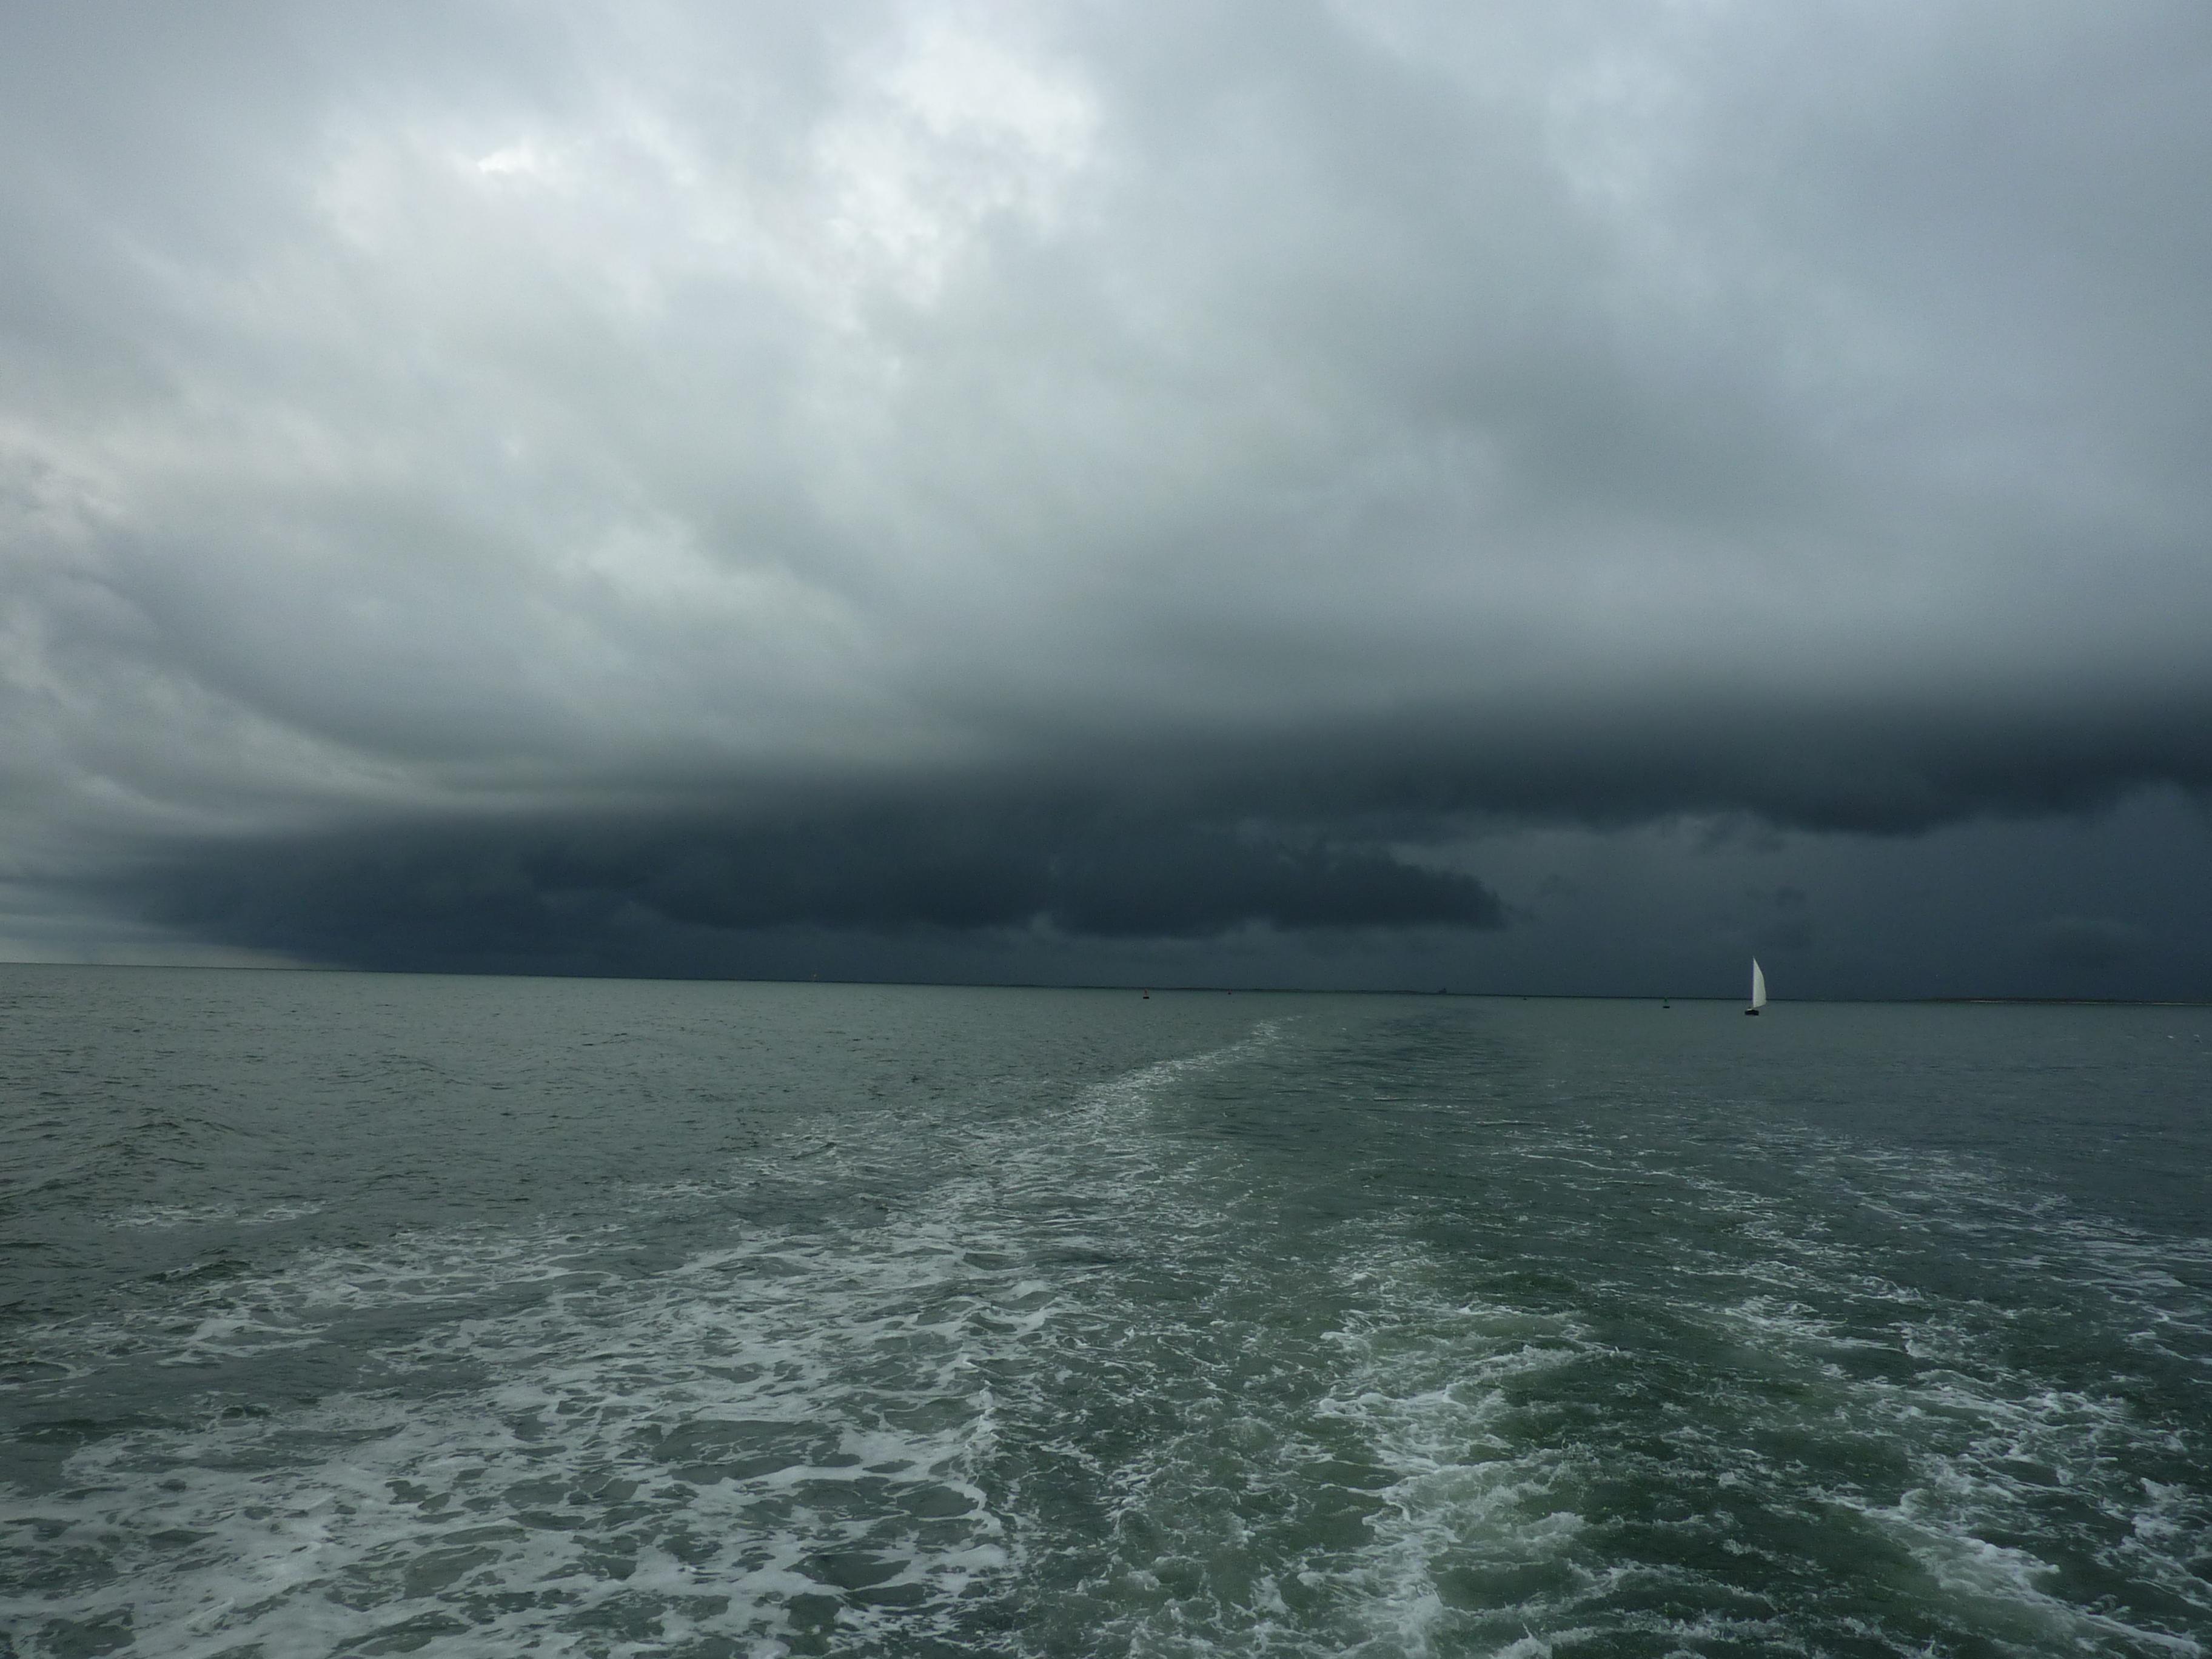 NOAA Teacher At Sea Blog